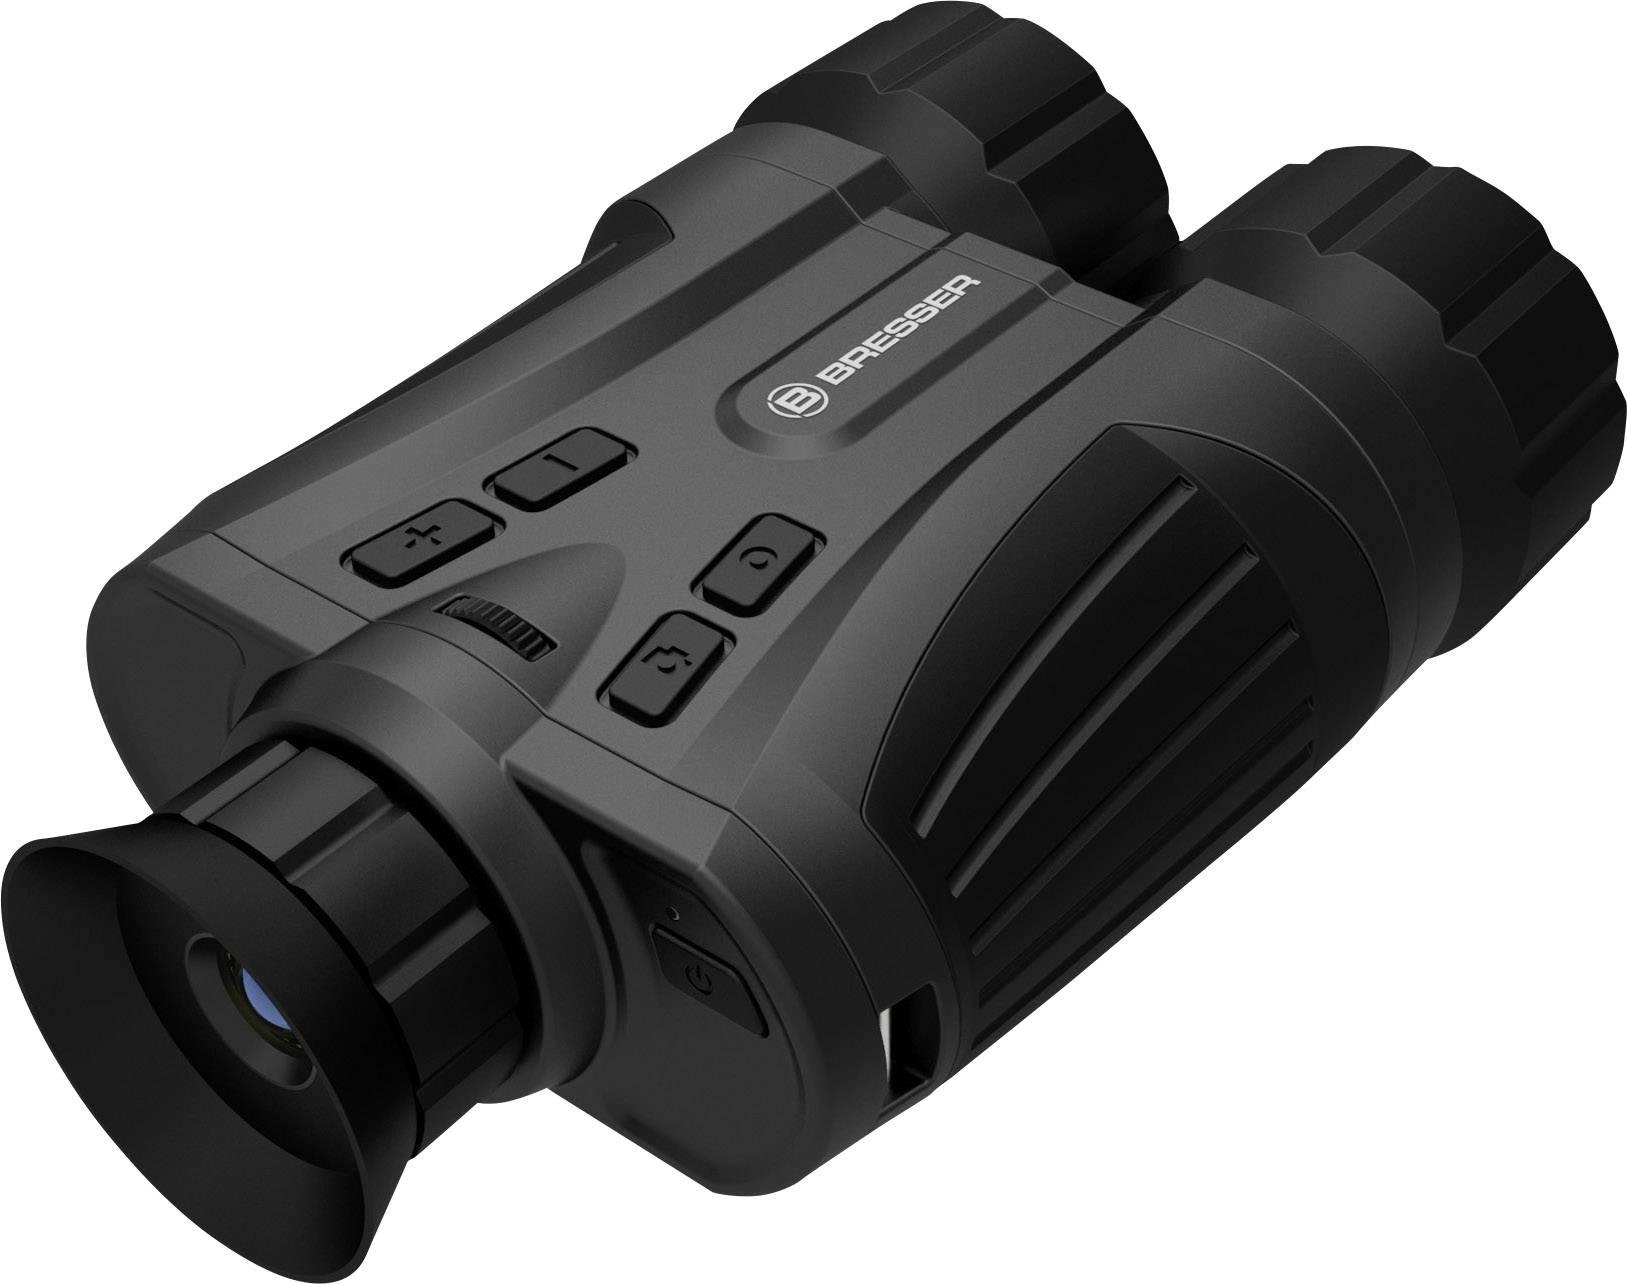 Bresser optik nachtsichtgerät mit digitalkamera mm